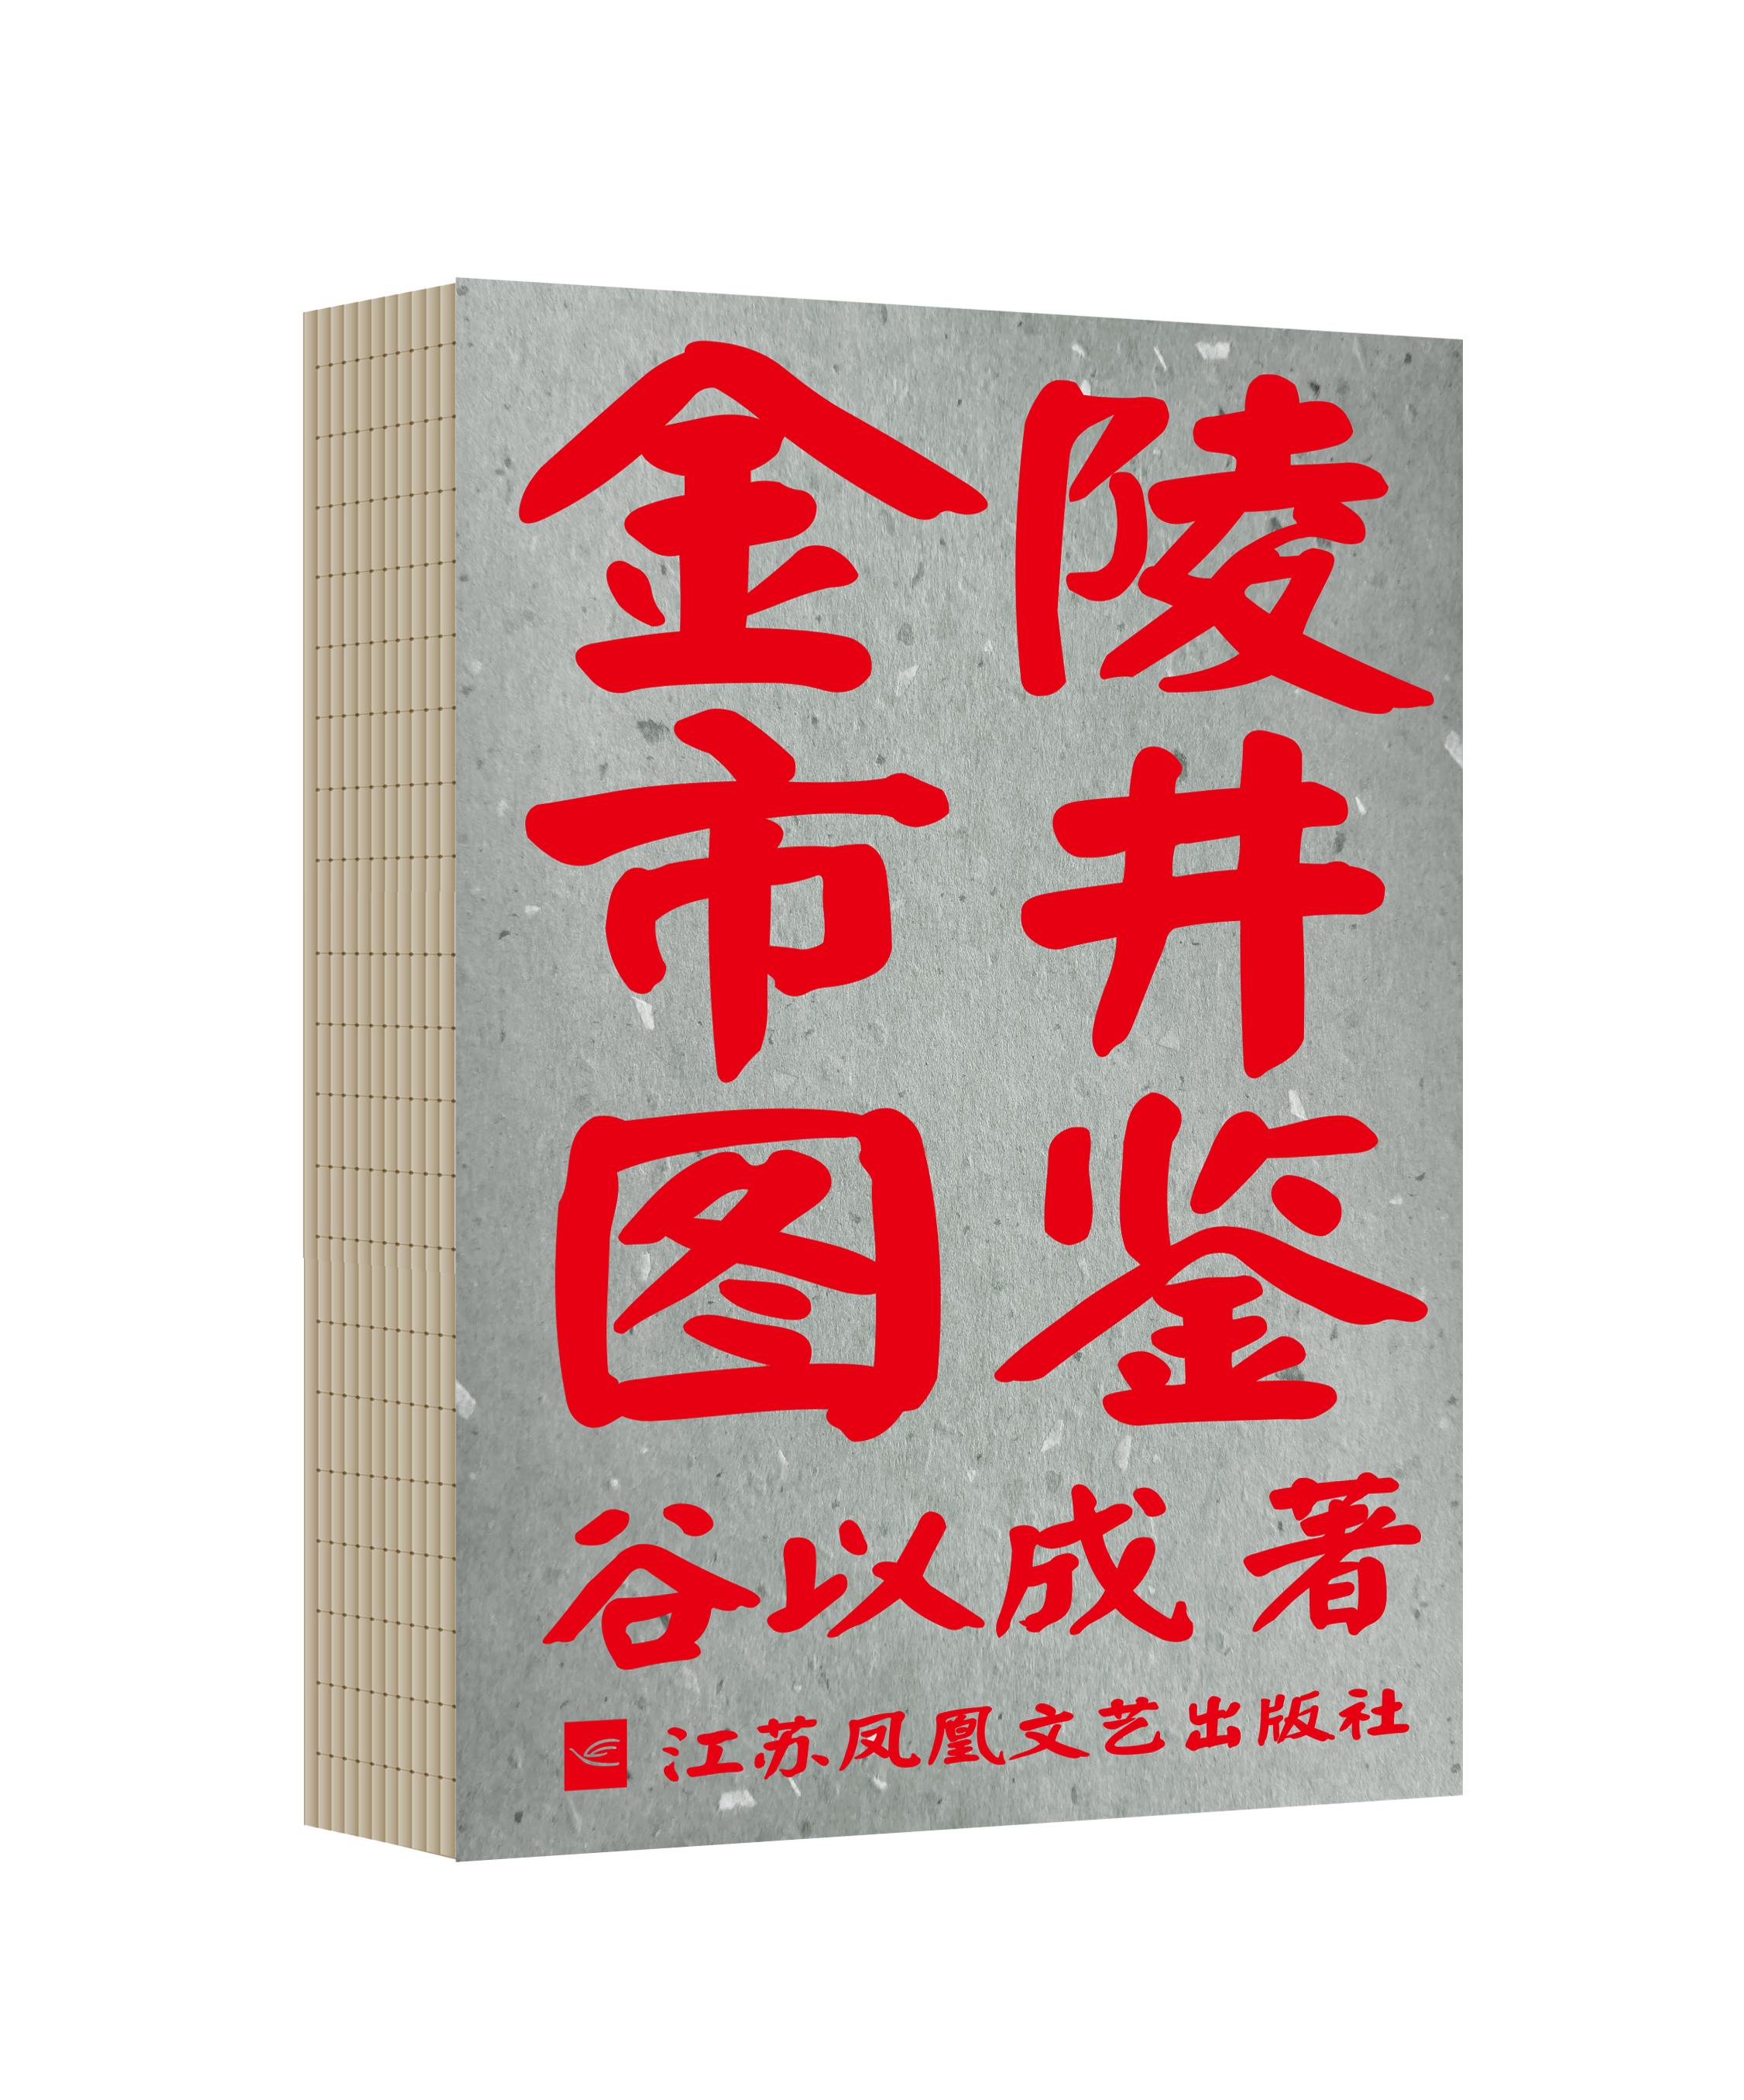 《金陵市井图鉴》(小品文)